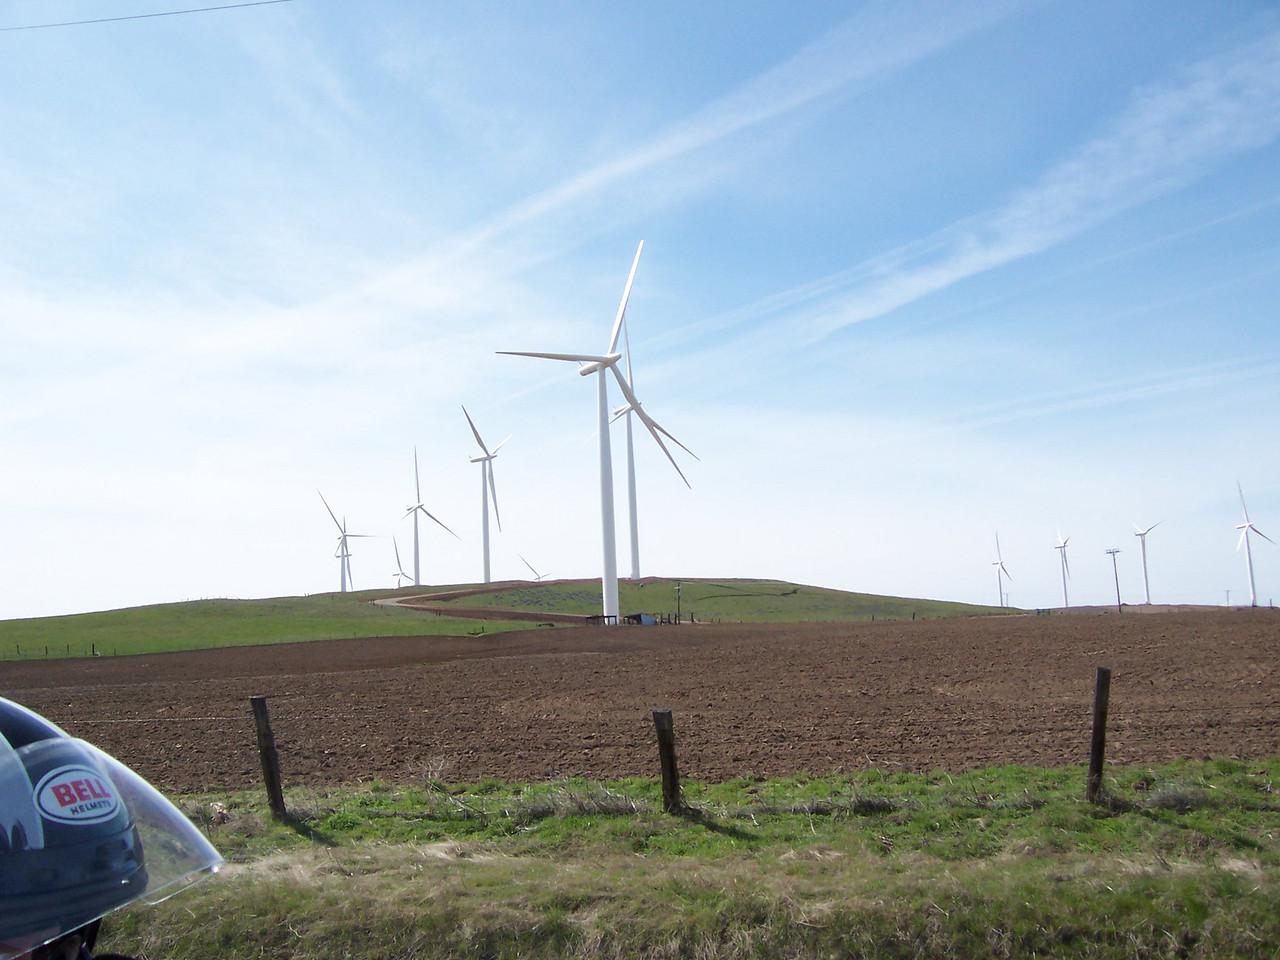 Lots of new windmills